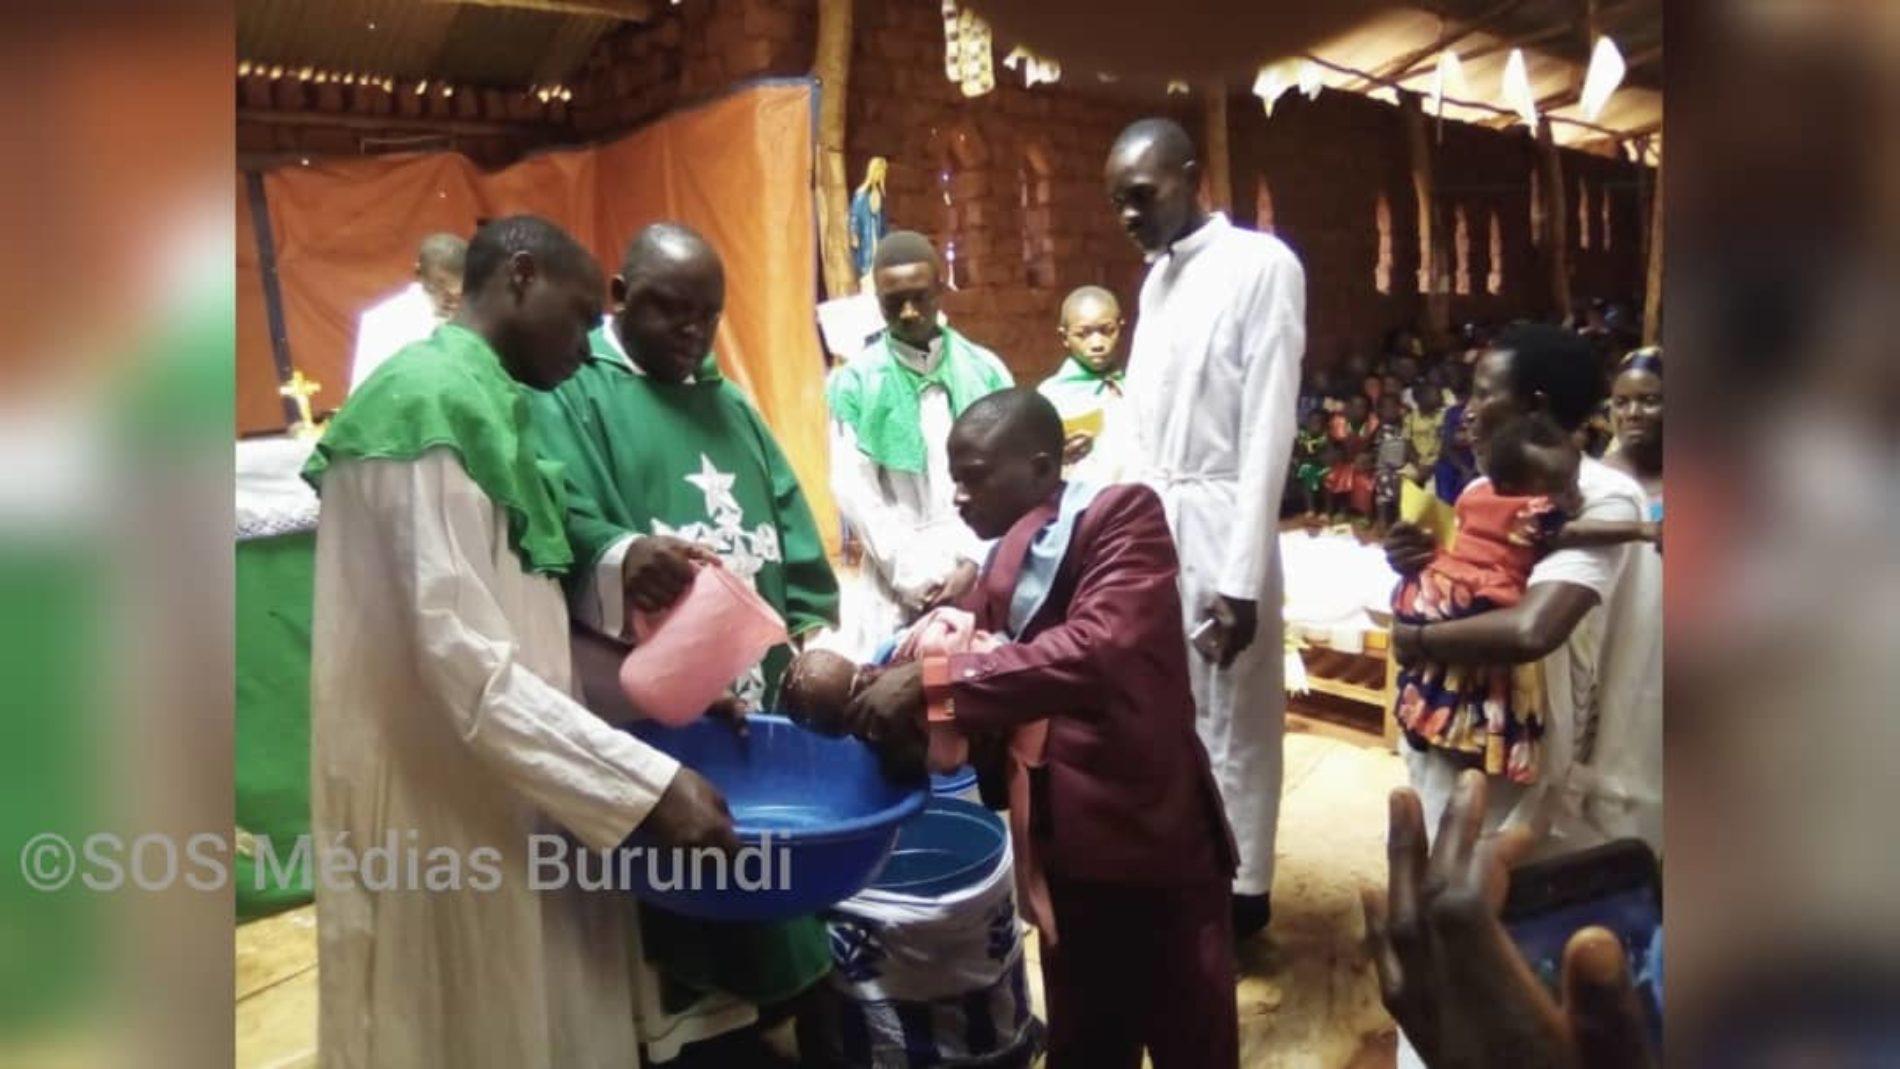 Mtendeli (Tanzanie) : des réfugiés burundais se font baptiser en masse par crainte avant d'être transférés à Nduta